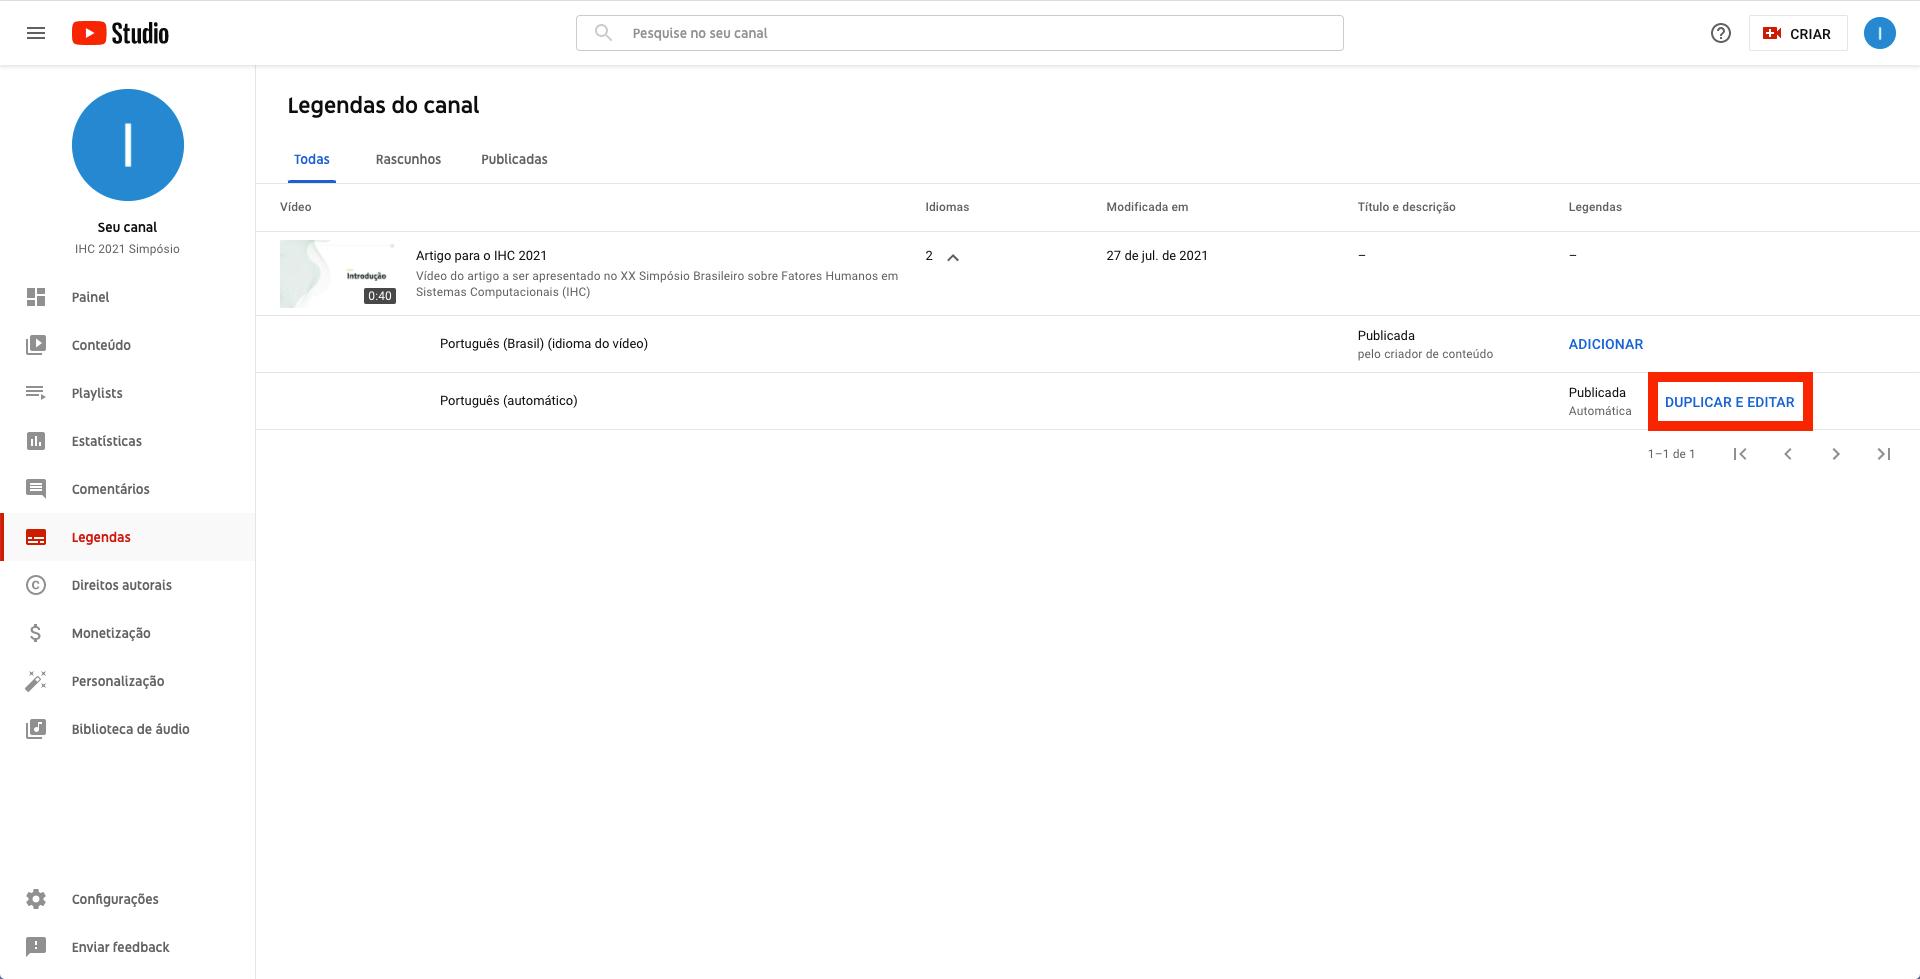 Captura de tela do YouTube Studio. Página de legendas do canal, com destaque para o link 'Duplicar e editar' vinculado à opção de legenda 'Português (automático)'. O link está com uma borda vermelha